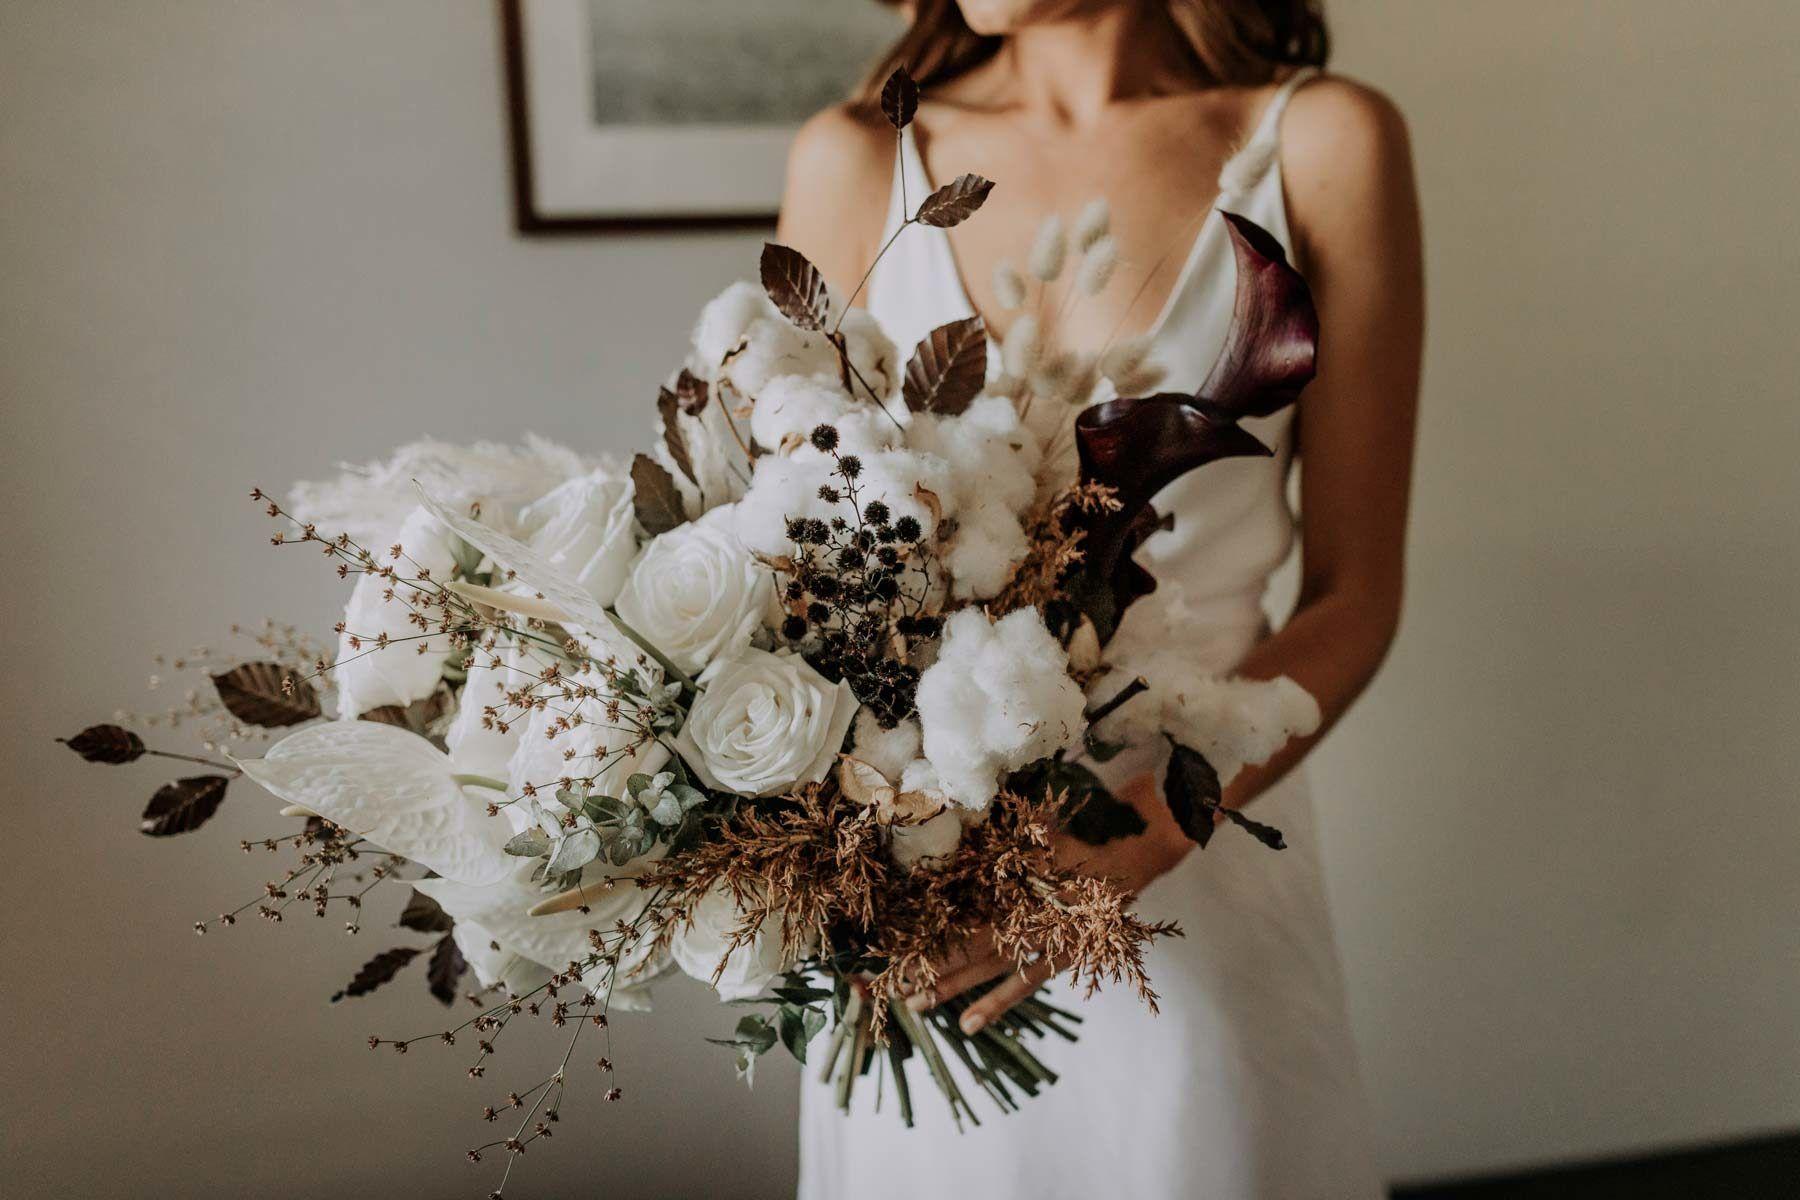 Rose Bud Creative Perth Wedding Florist Fresh Wedding Bouquets Floral Wedding Dried Flower Bouquet